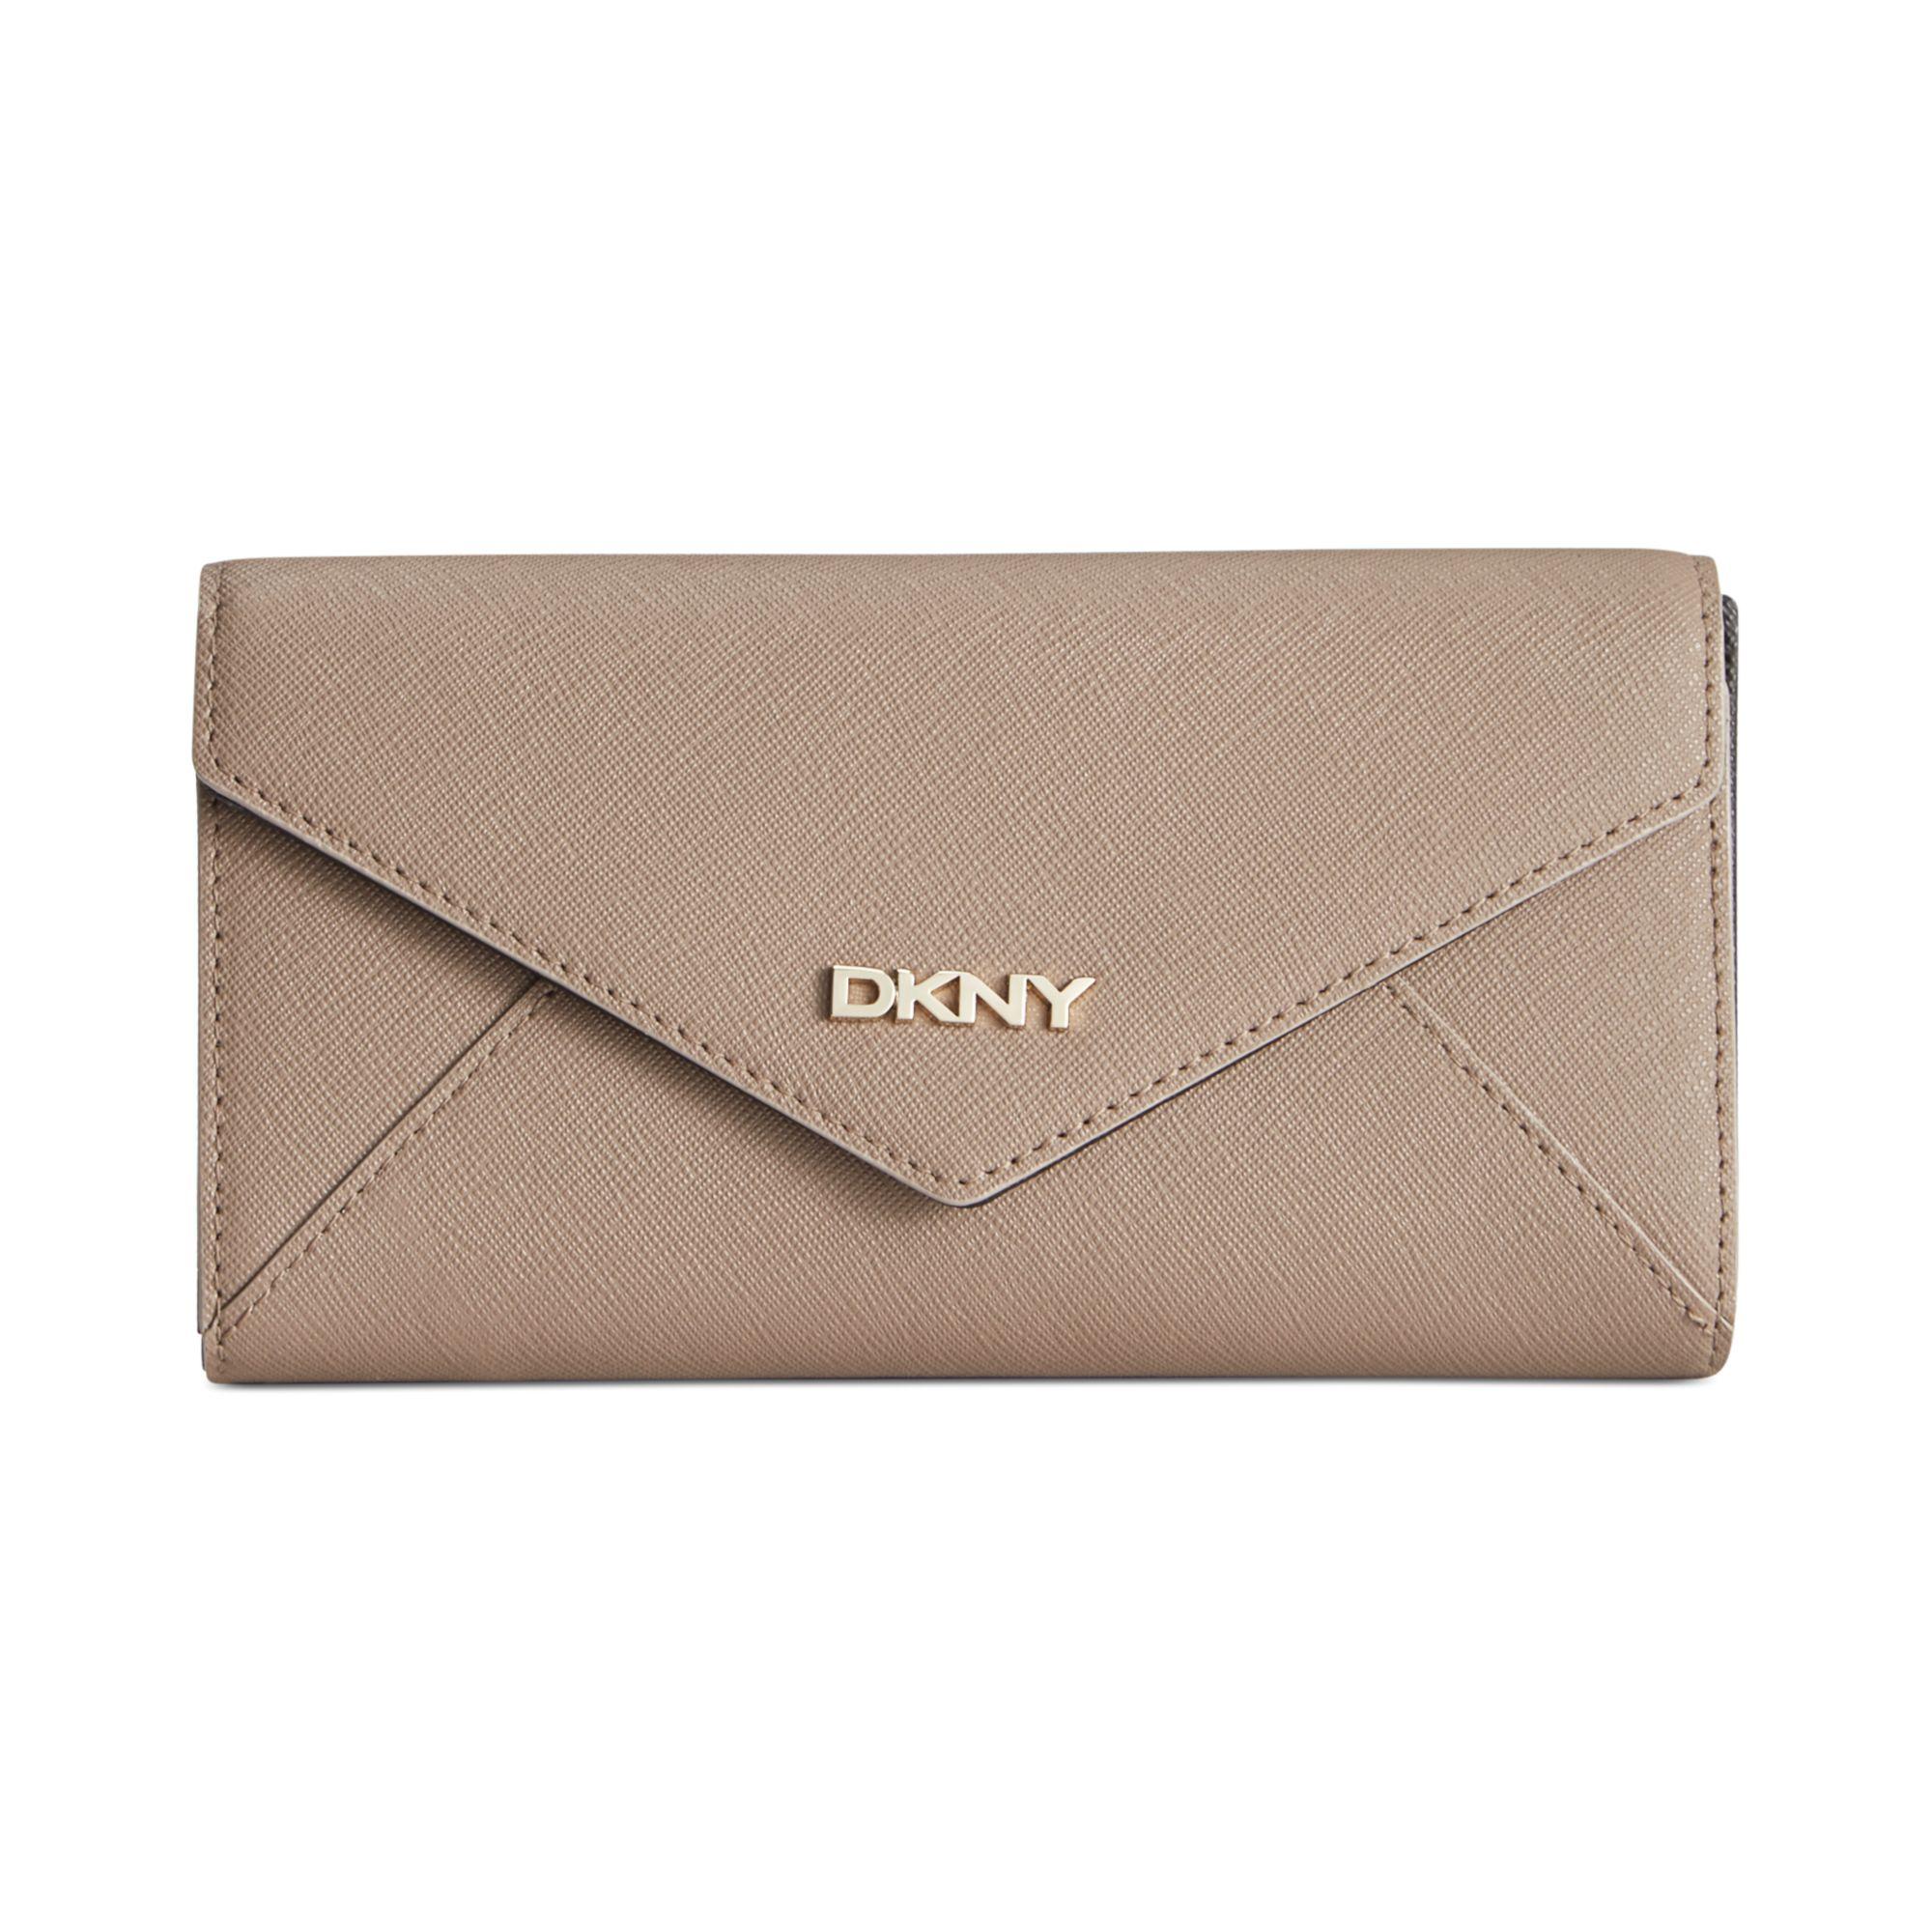 DKNY Retreat Black Leather Zip Around Ladies Wallet |Dkny Wallet